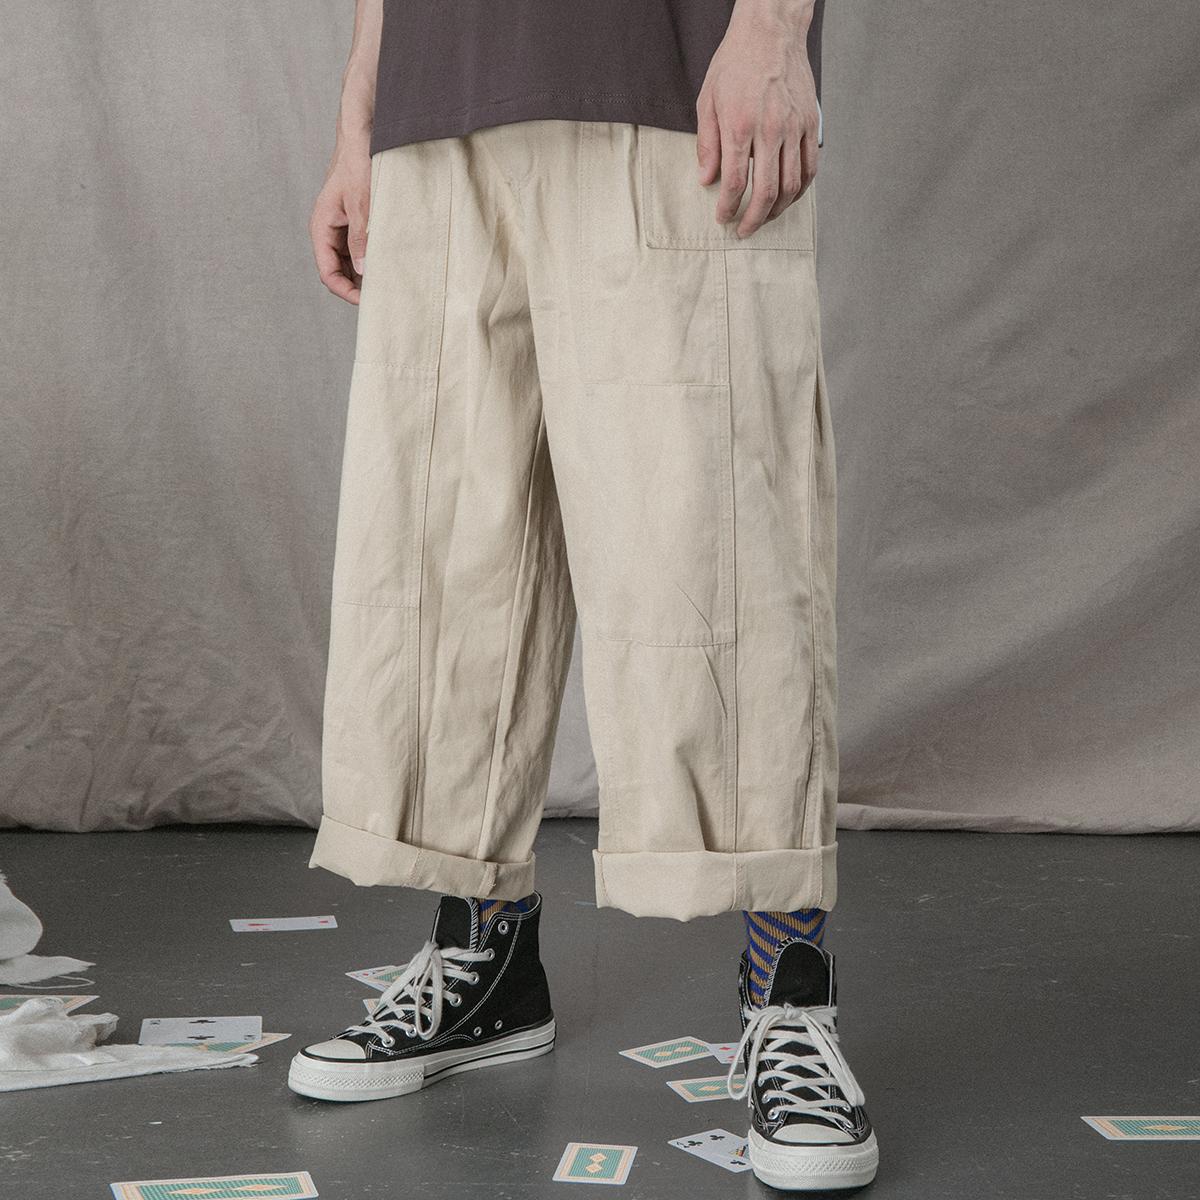 11月19日最新优惠日系工装风街头潮人男女款纯色百搭阔腿工装裤宽松慵懒BF喇叭长裤